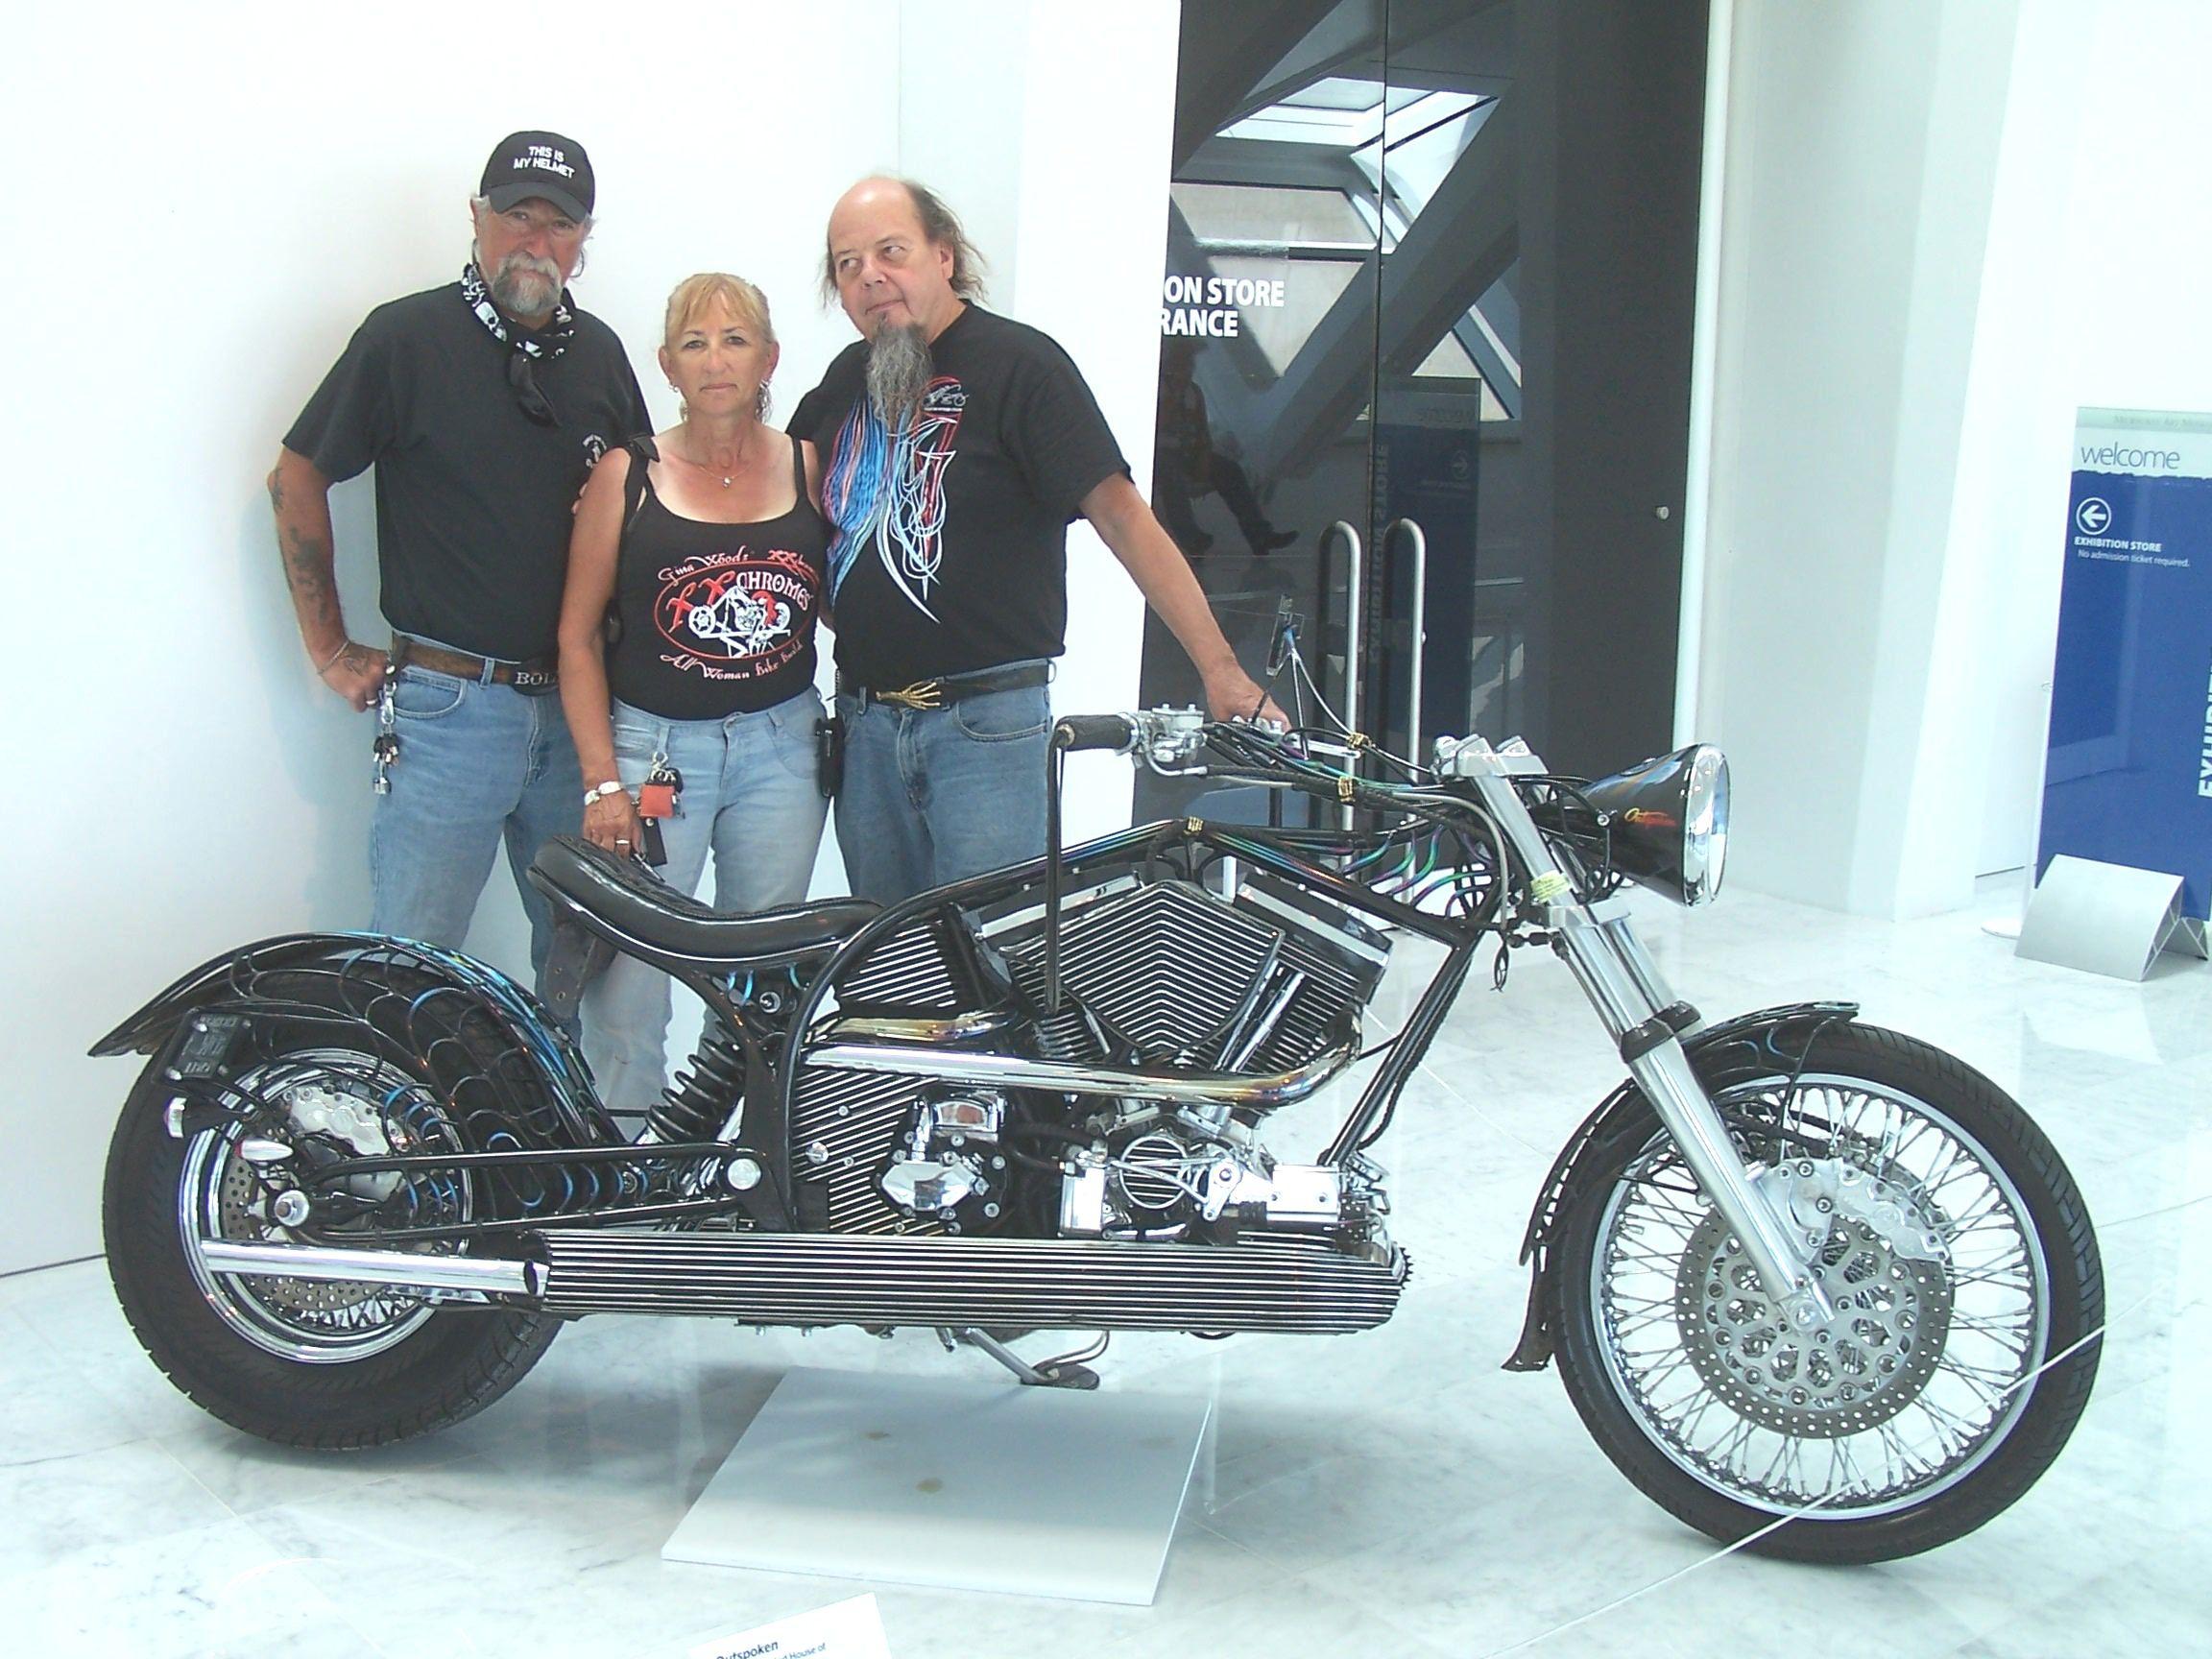 Ron Finch with Tony Pan and Vicki Sanfelipo